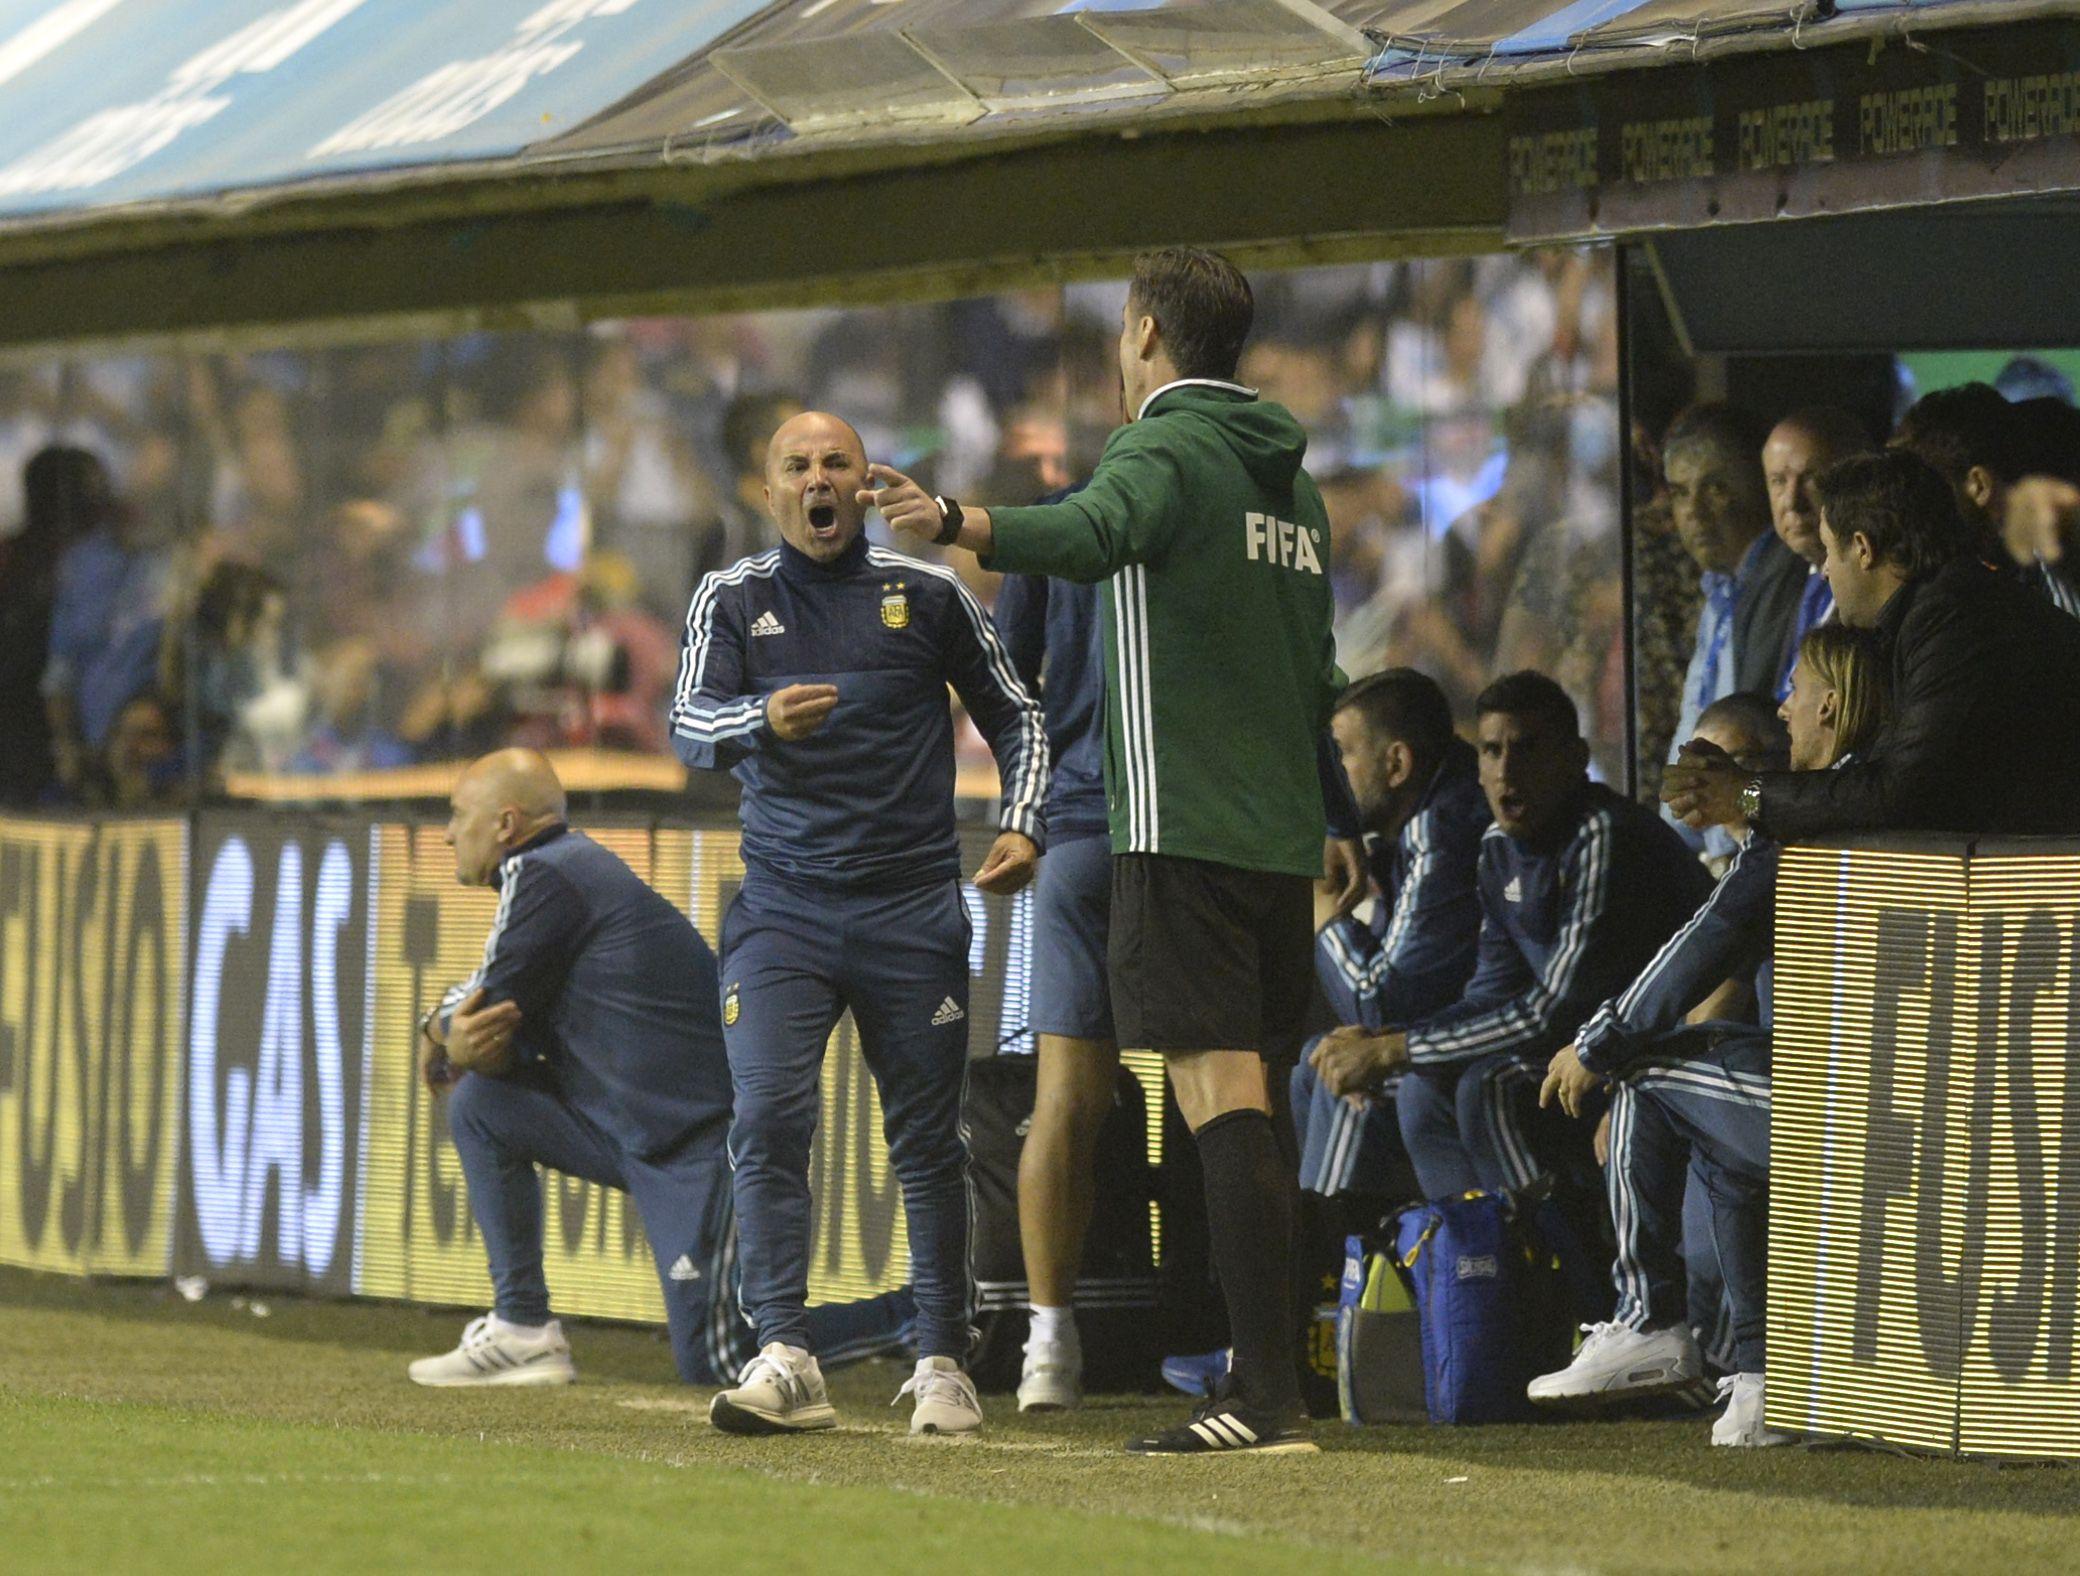 Jorge Sampaoli en uno de los pasajes del Argentina 0 - Perú 0